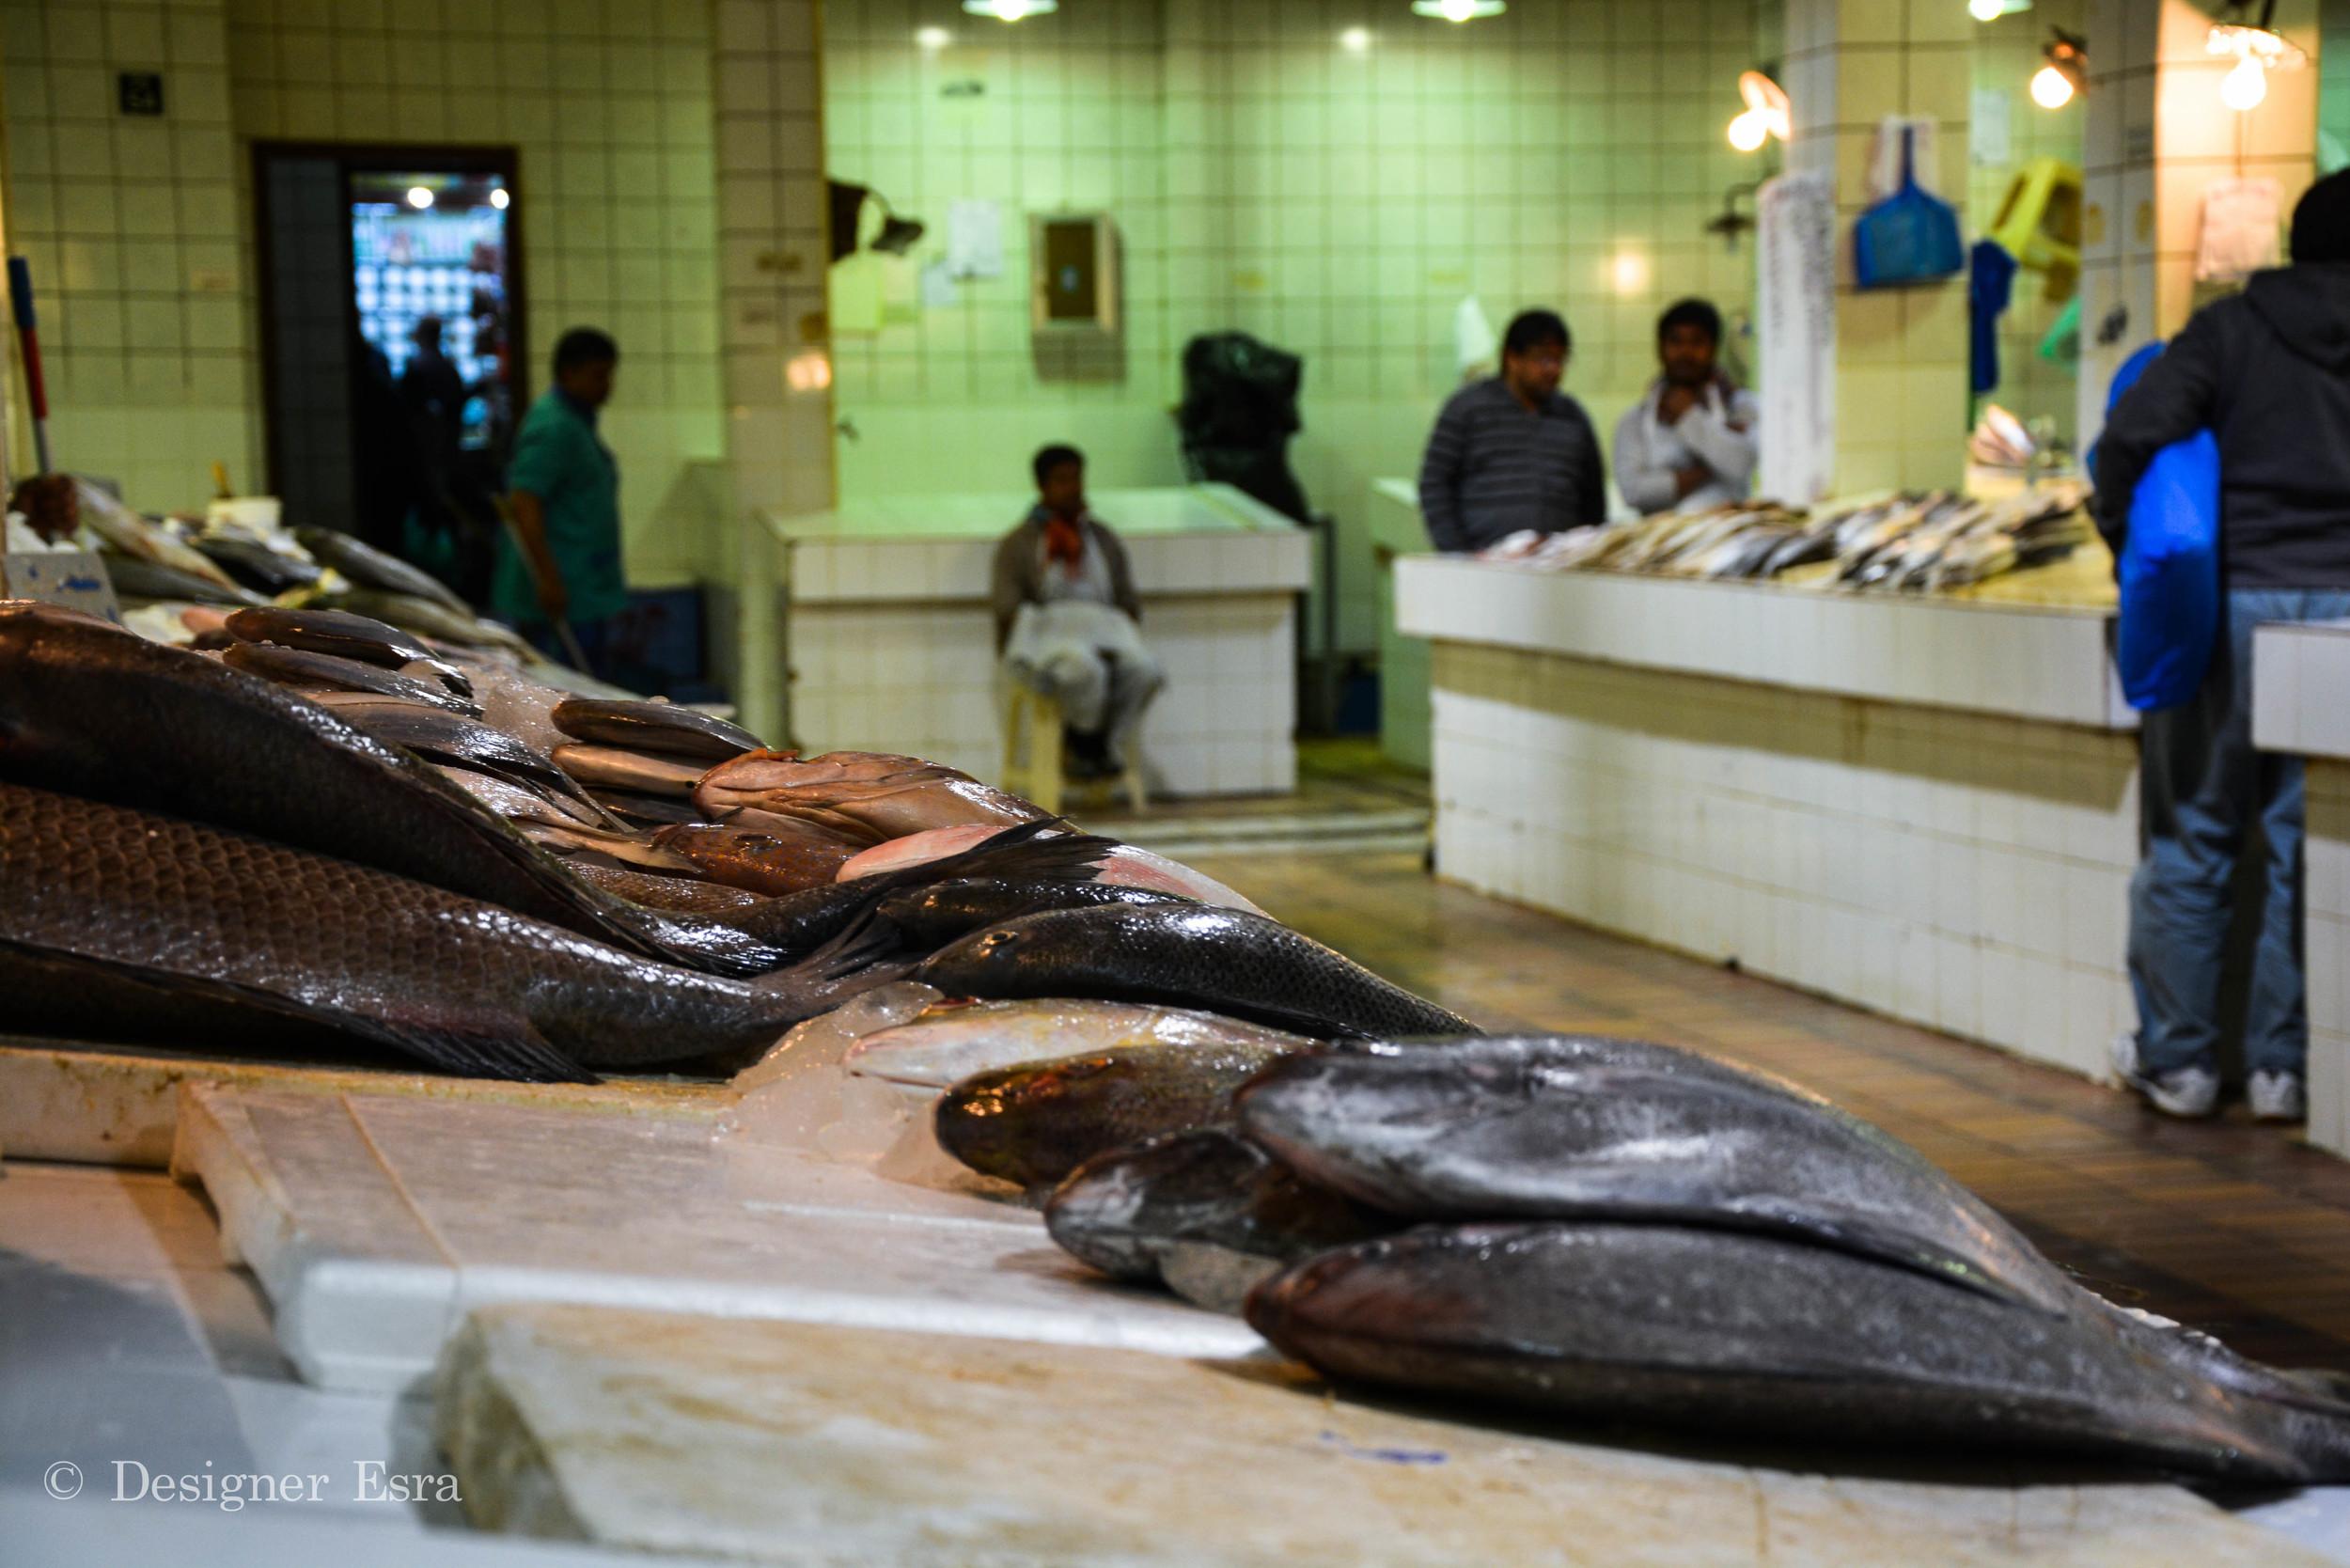 Fish Market in Kuwait